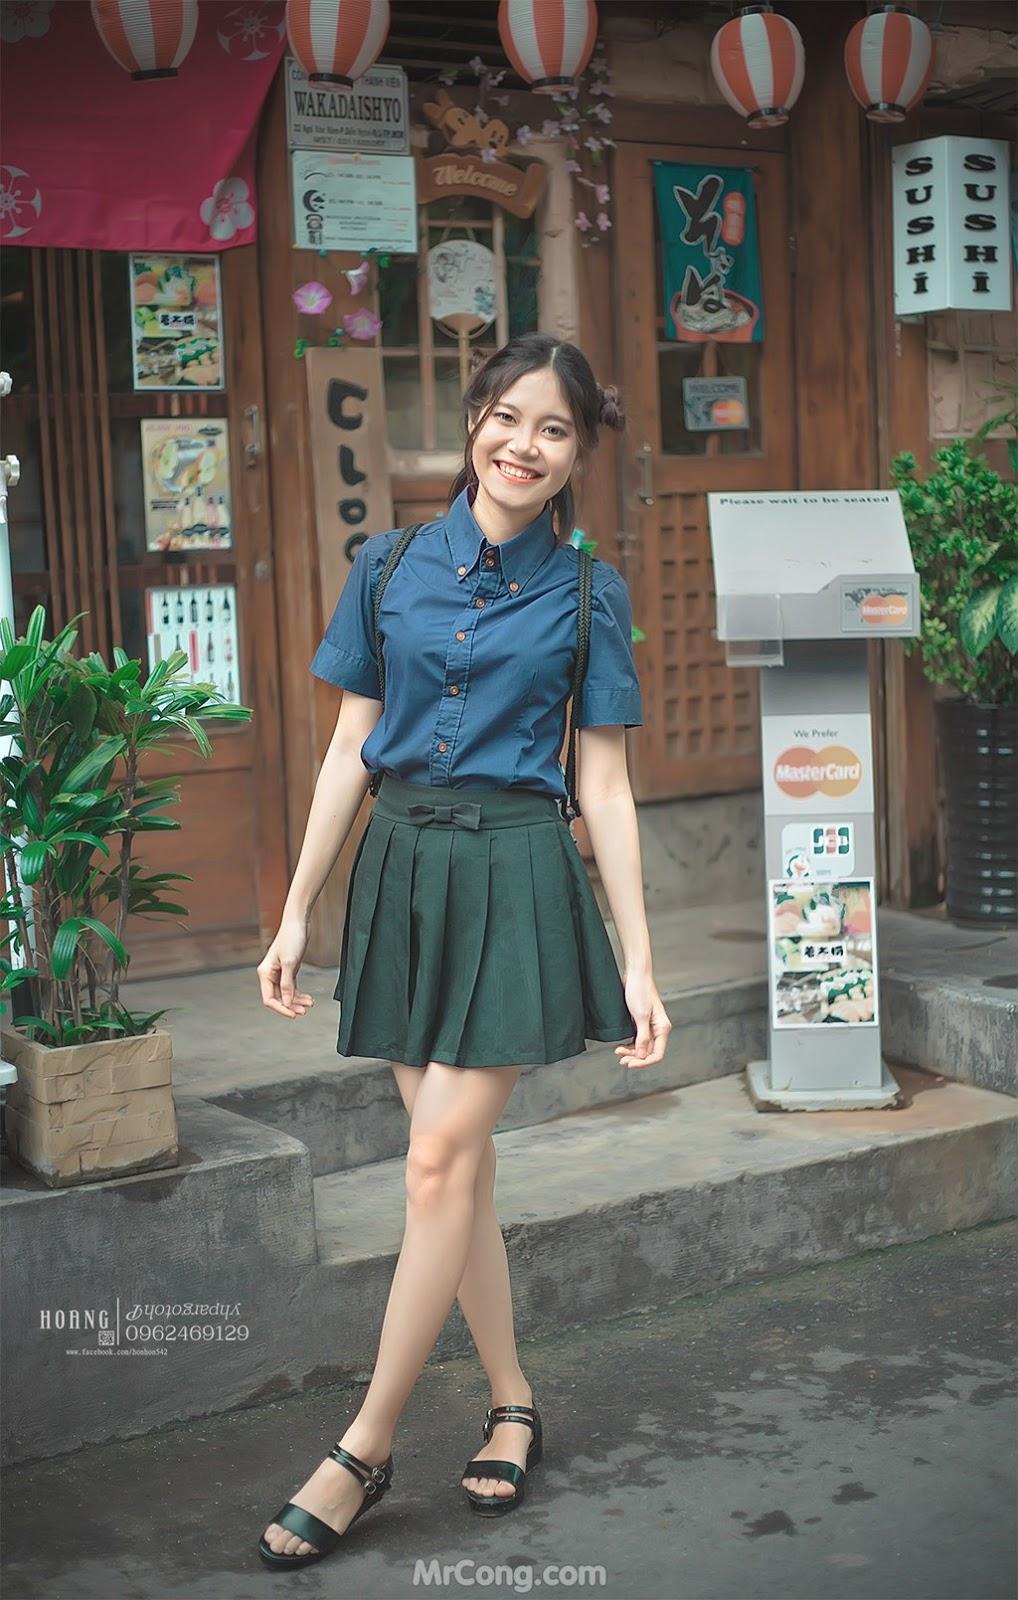 Ảnh Hot girl, sexy girl, bikini, người đẹp Việt sưu tầm (P11) Vietnamese-Models-by-Hoang-Nguyen-MrCong.com-037